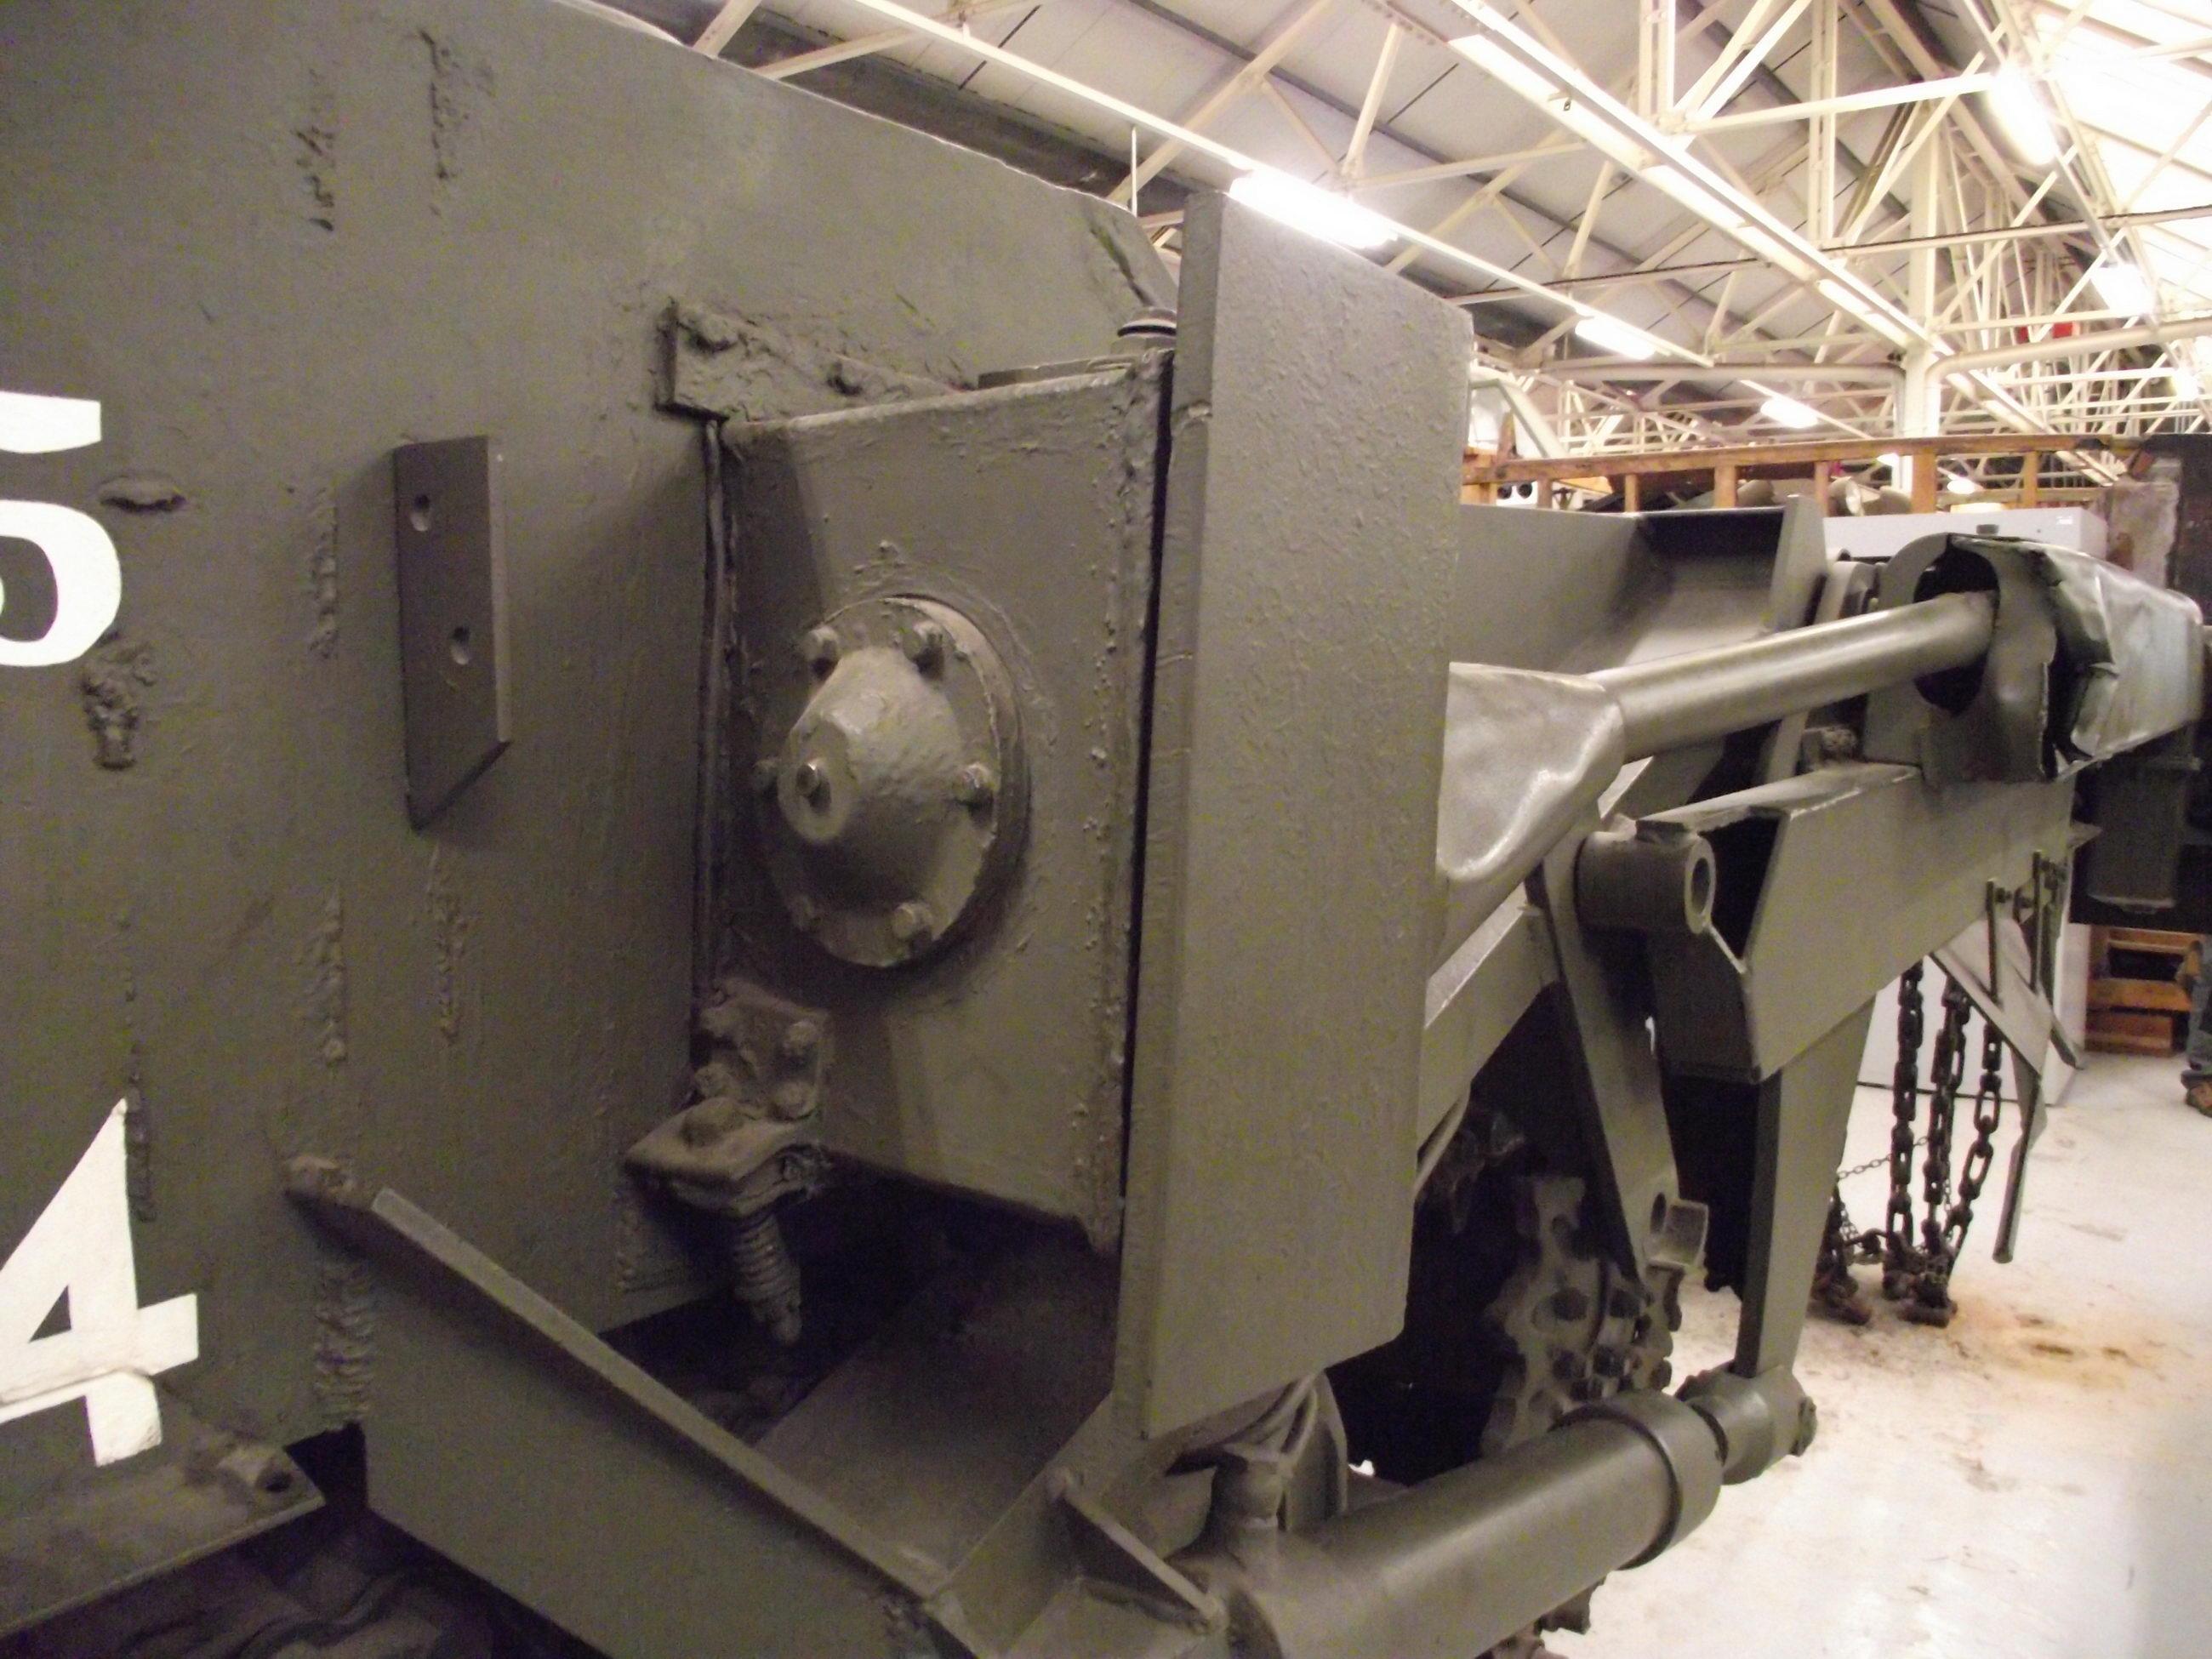 Tank_Museum_20180919_319.jpg